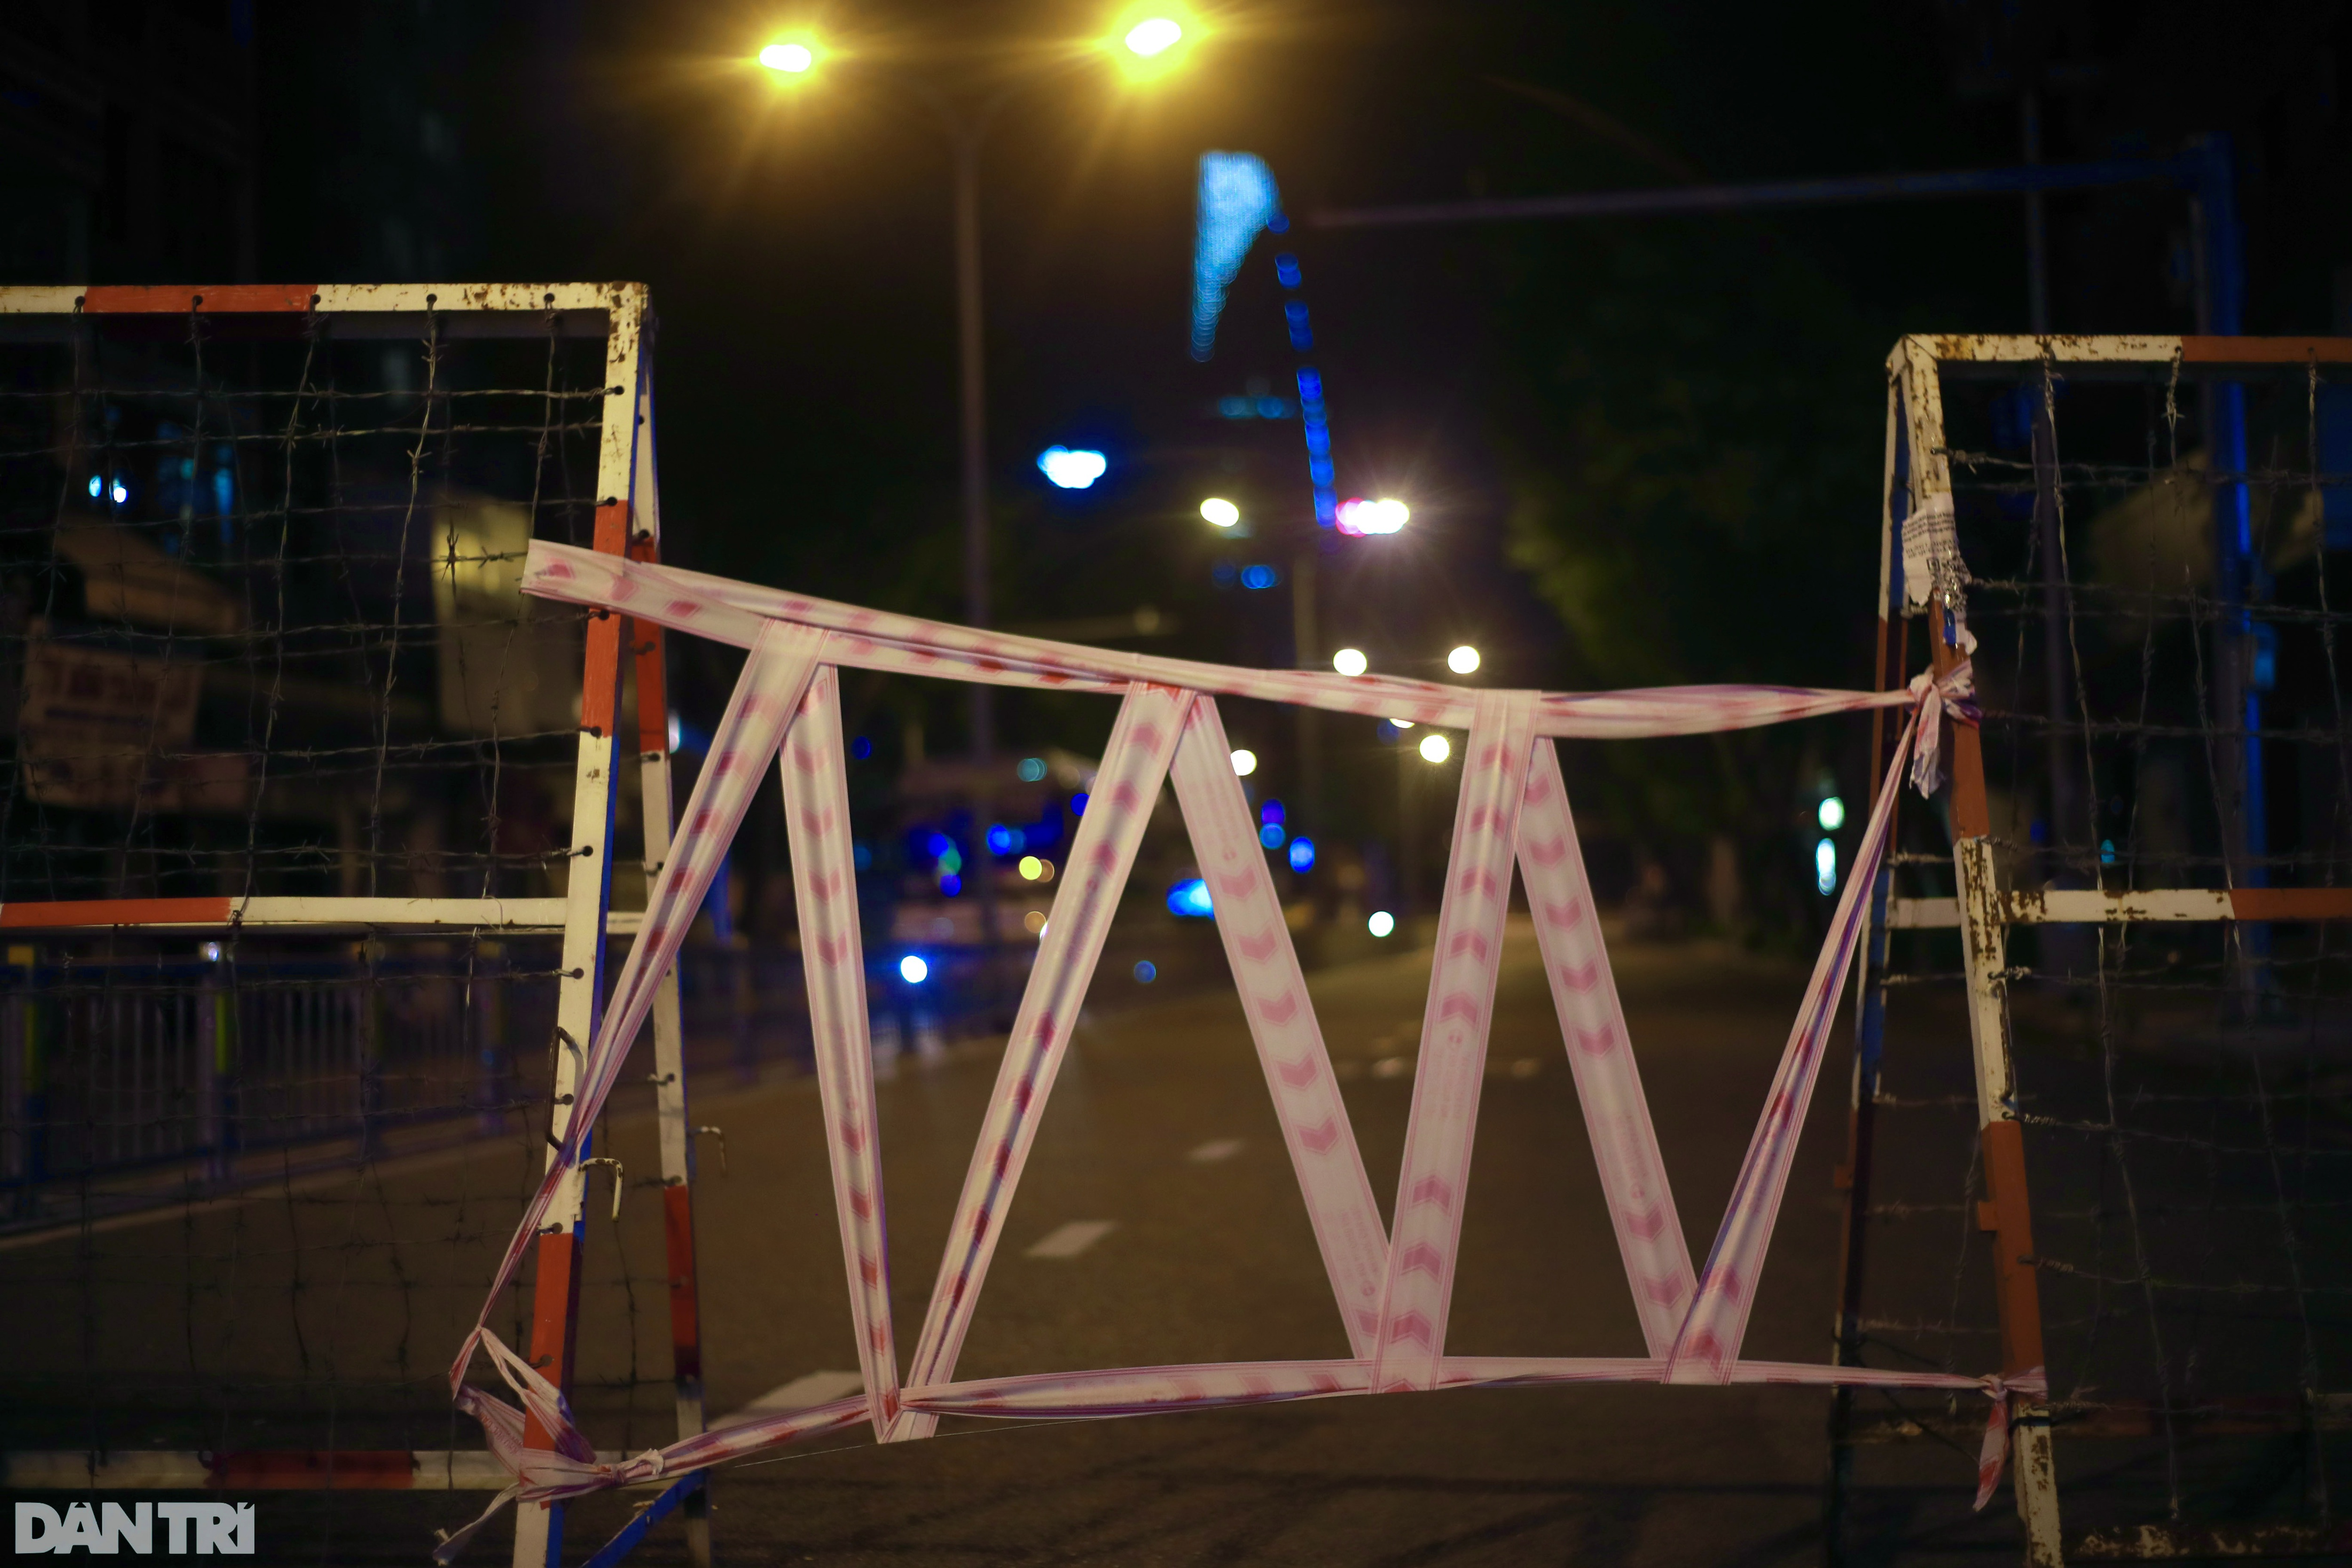 Hẻm nhỏ ở TPHCM dỡ chốt phong tỏa, đường lớn vẫn rào chắn kín mít - 18